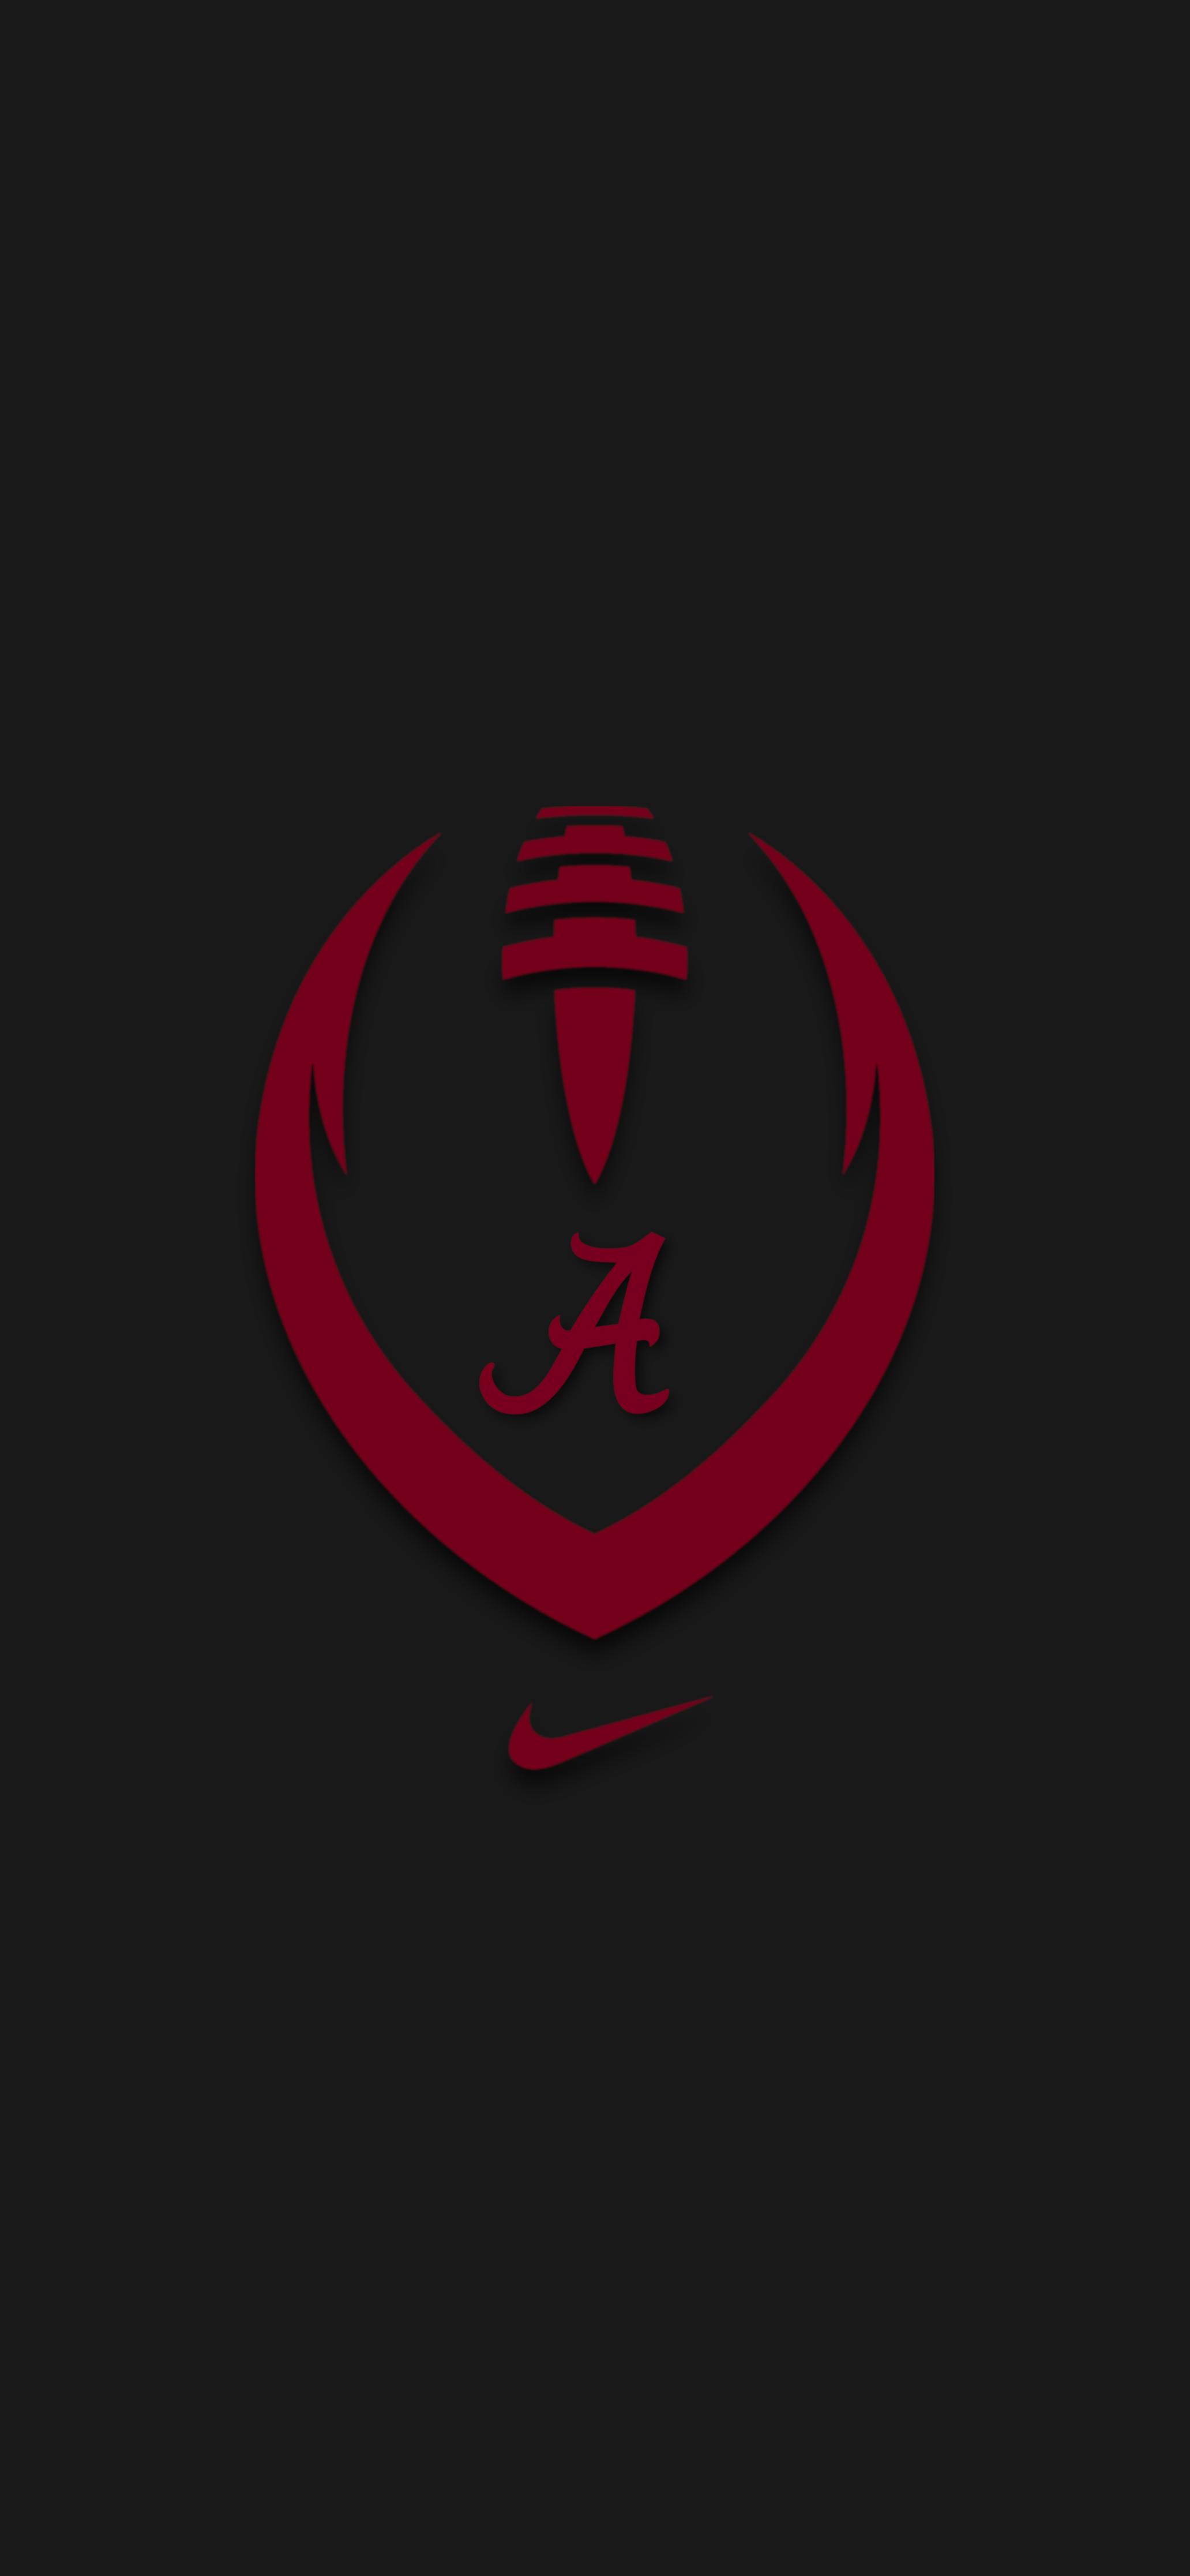 Nike Ball 2 Alabama Crimson Tide Logo Alabama Crimson Tide Crimson Tide Football